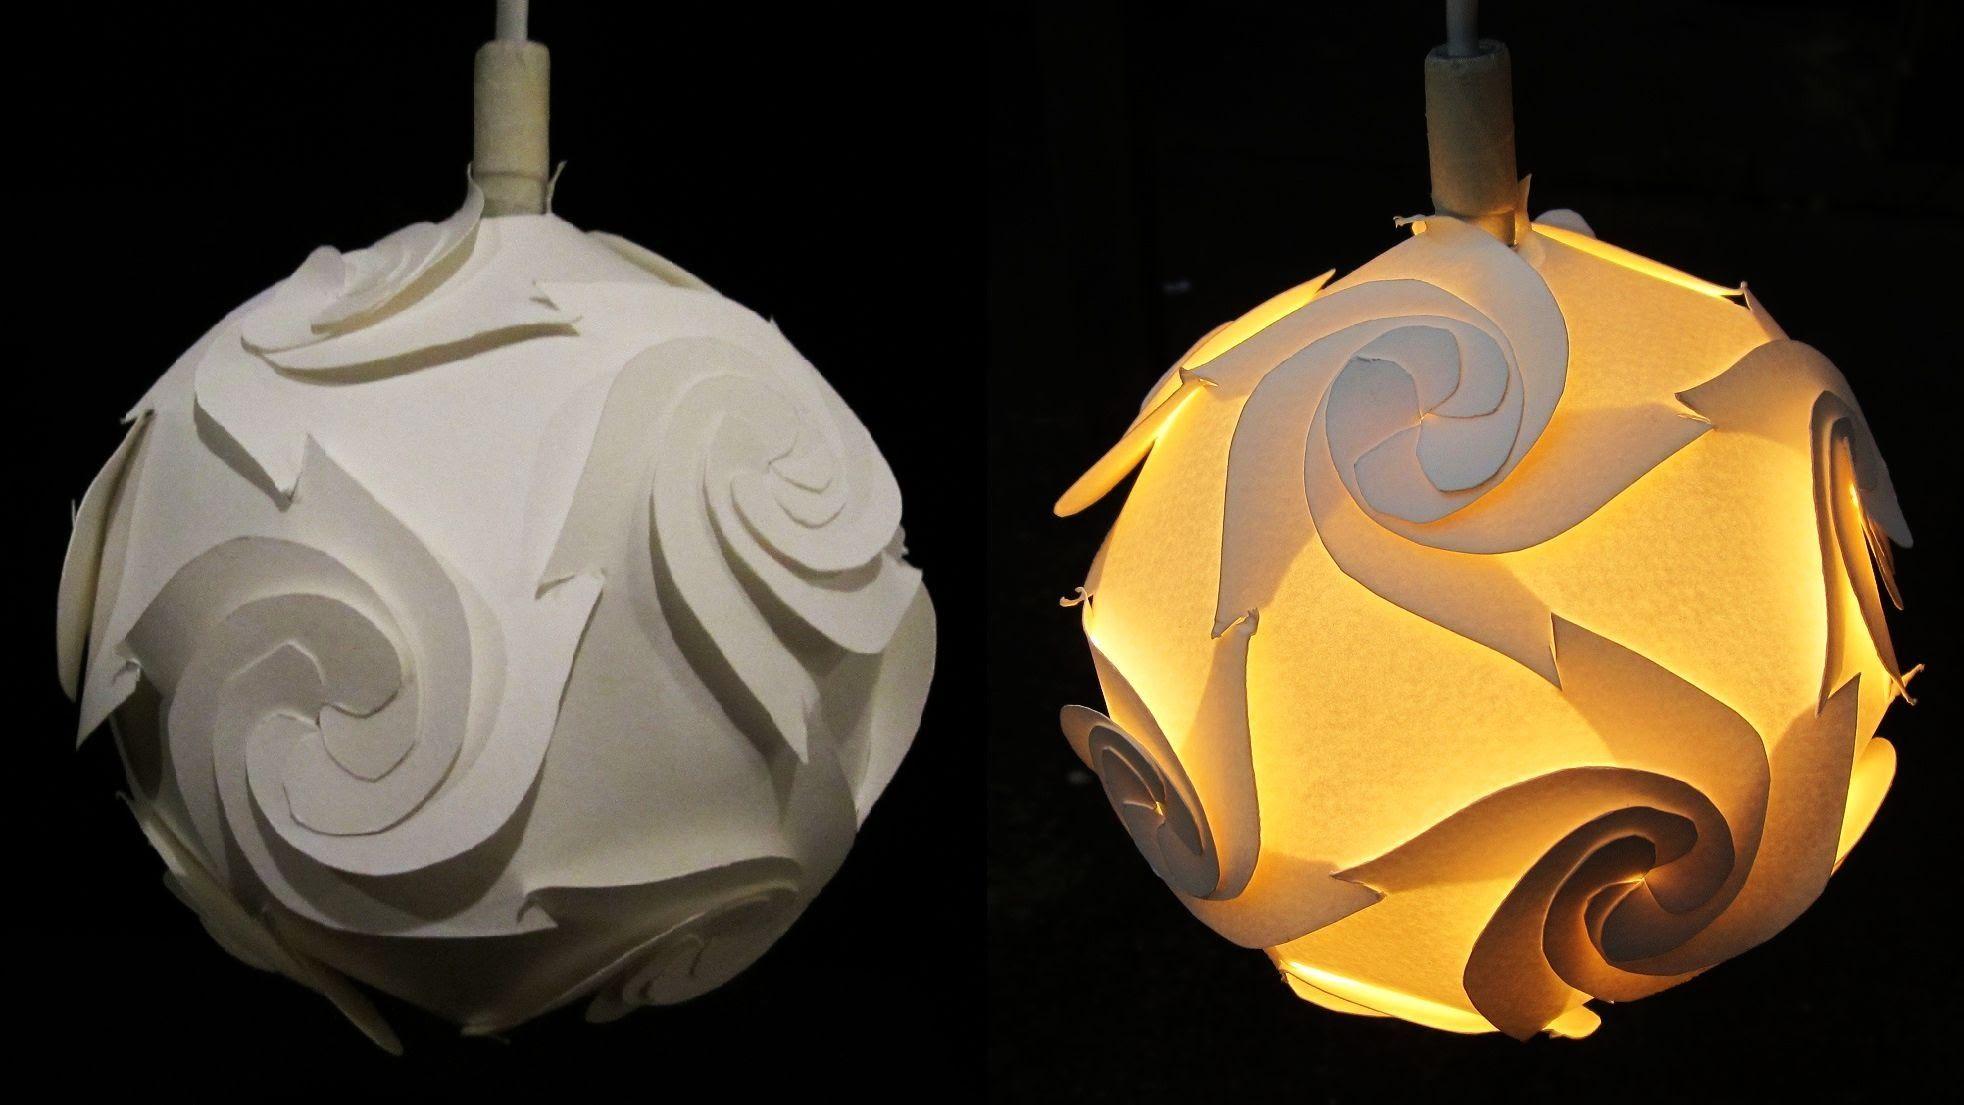 diy papierlampenschirm zyklon lernen wie eine papierlampe laterne zu machen indem. Black Bedroom Furniture Sets. Home Design Ideas